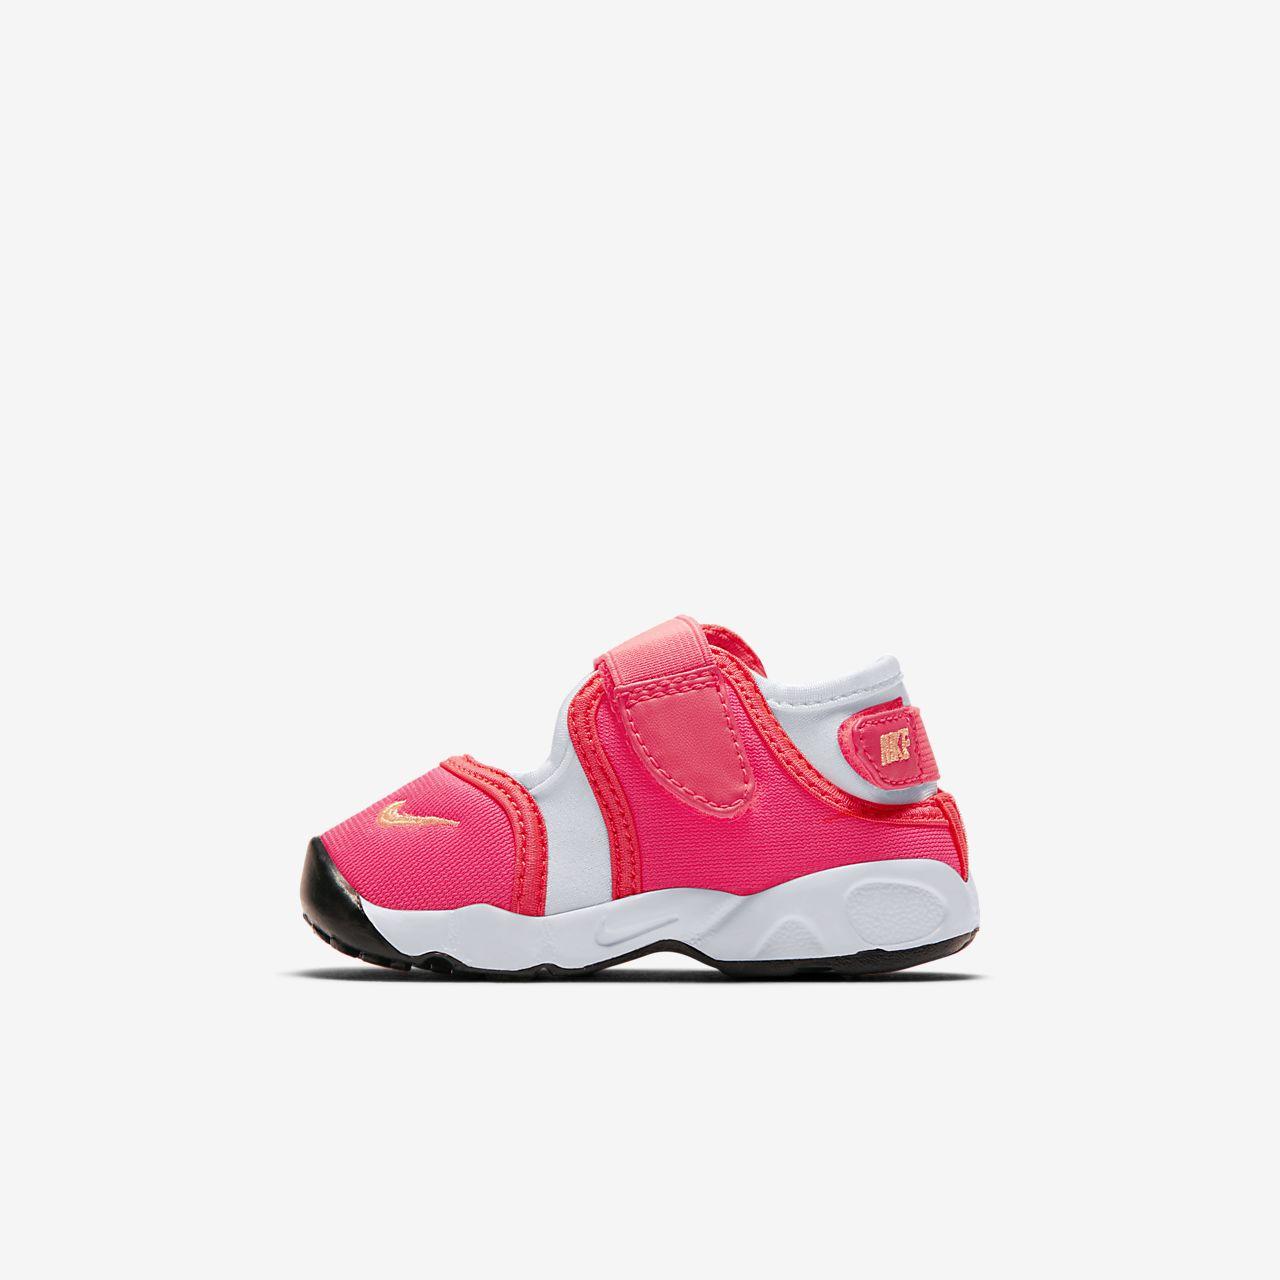 best website 4b0d8 6cb75 ... Sko Nike Little Rift för baby små barn